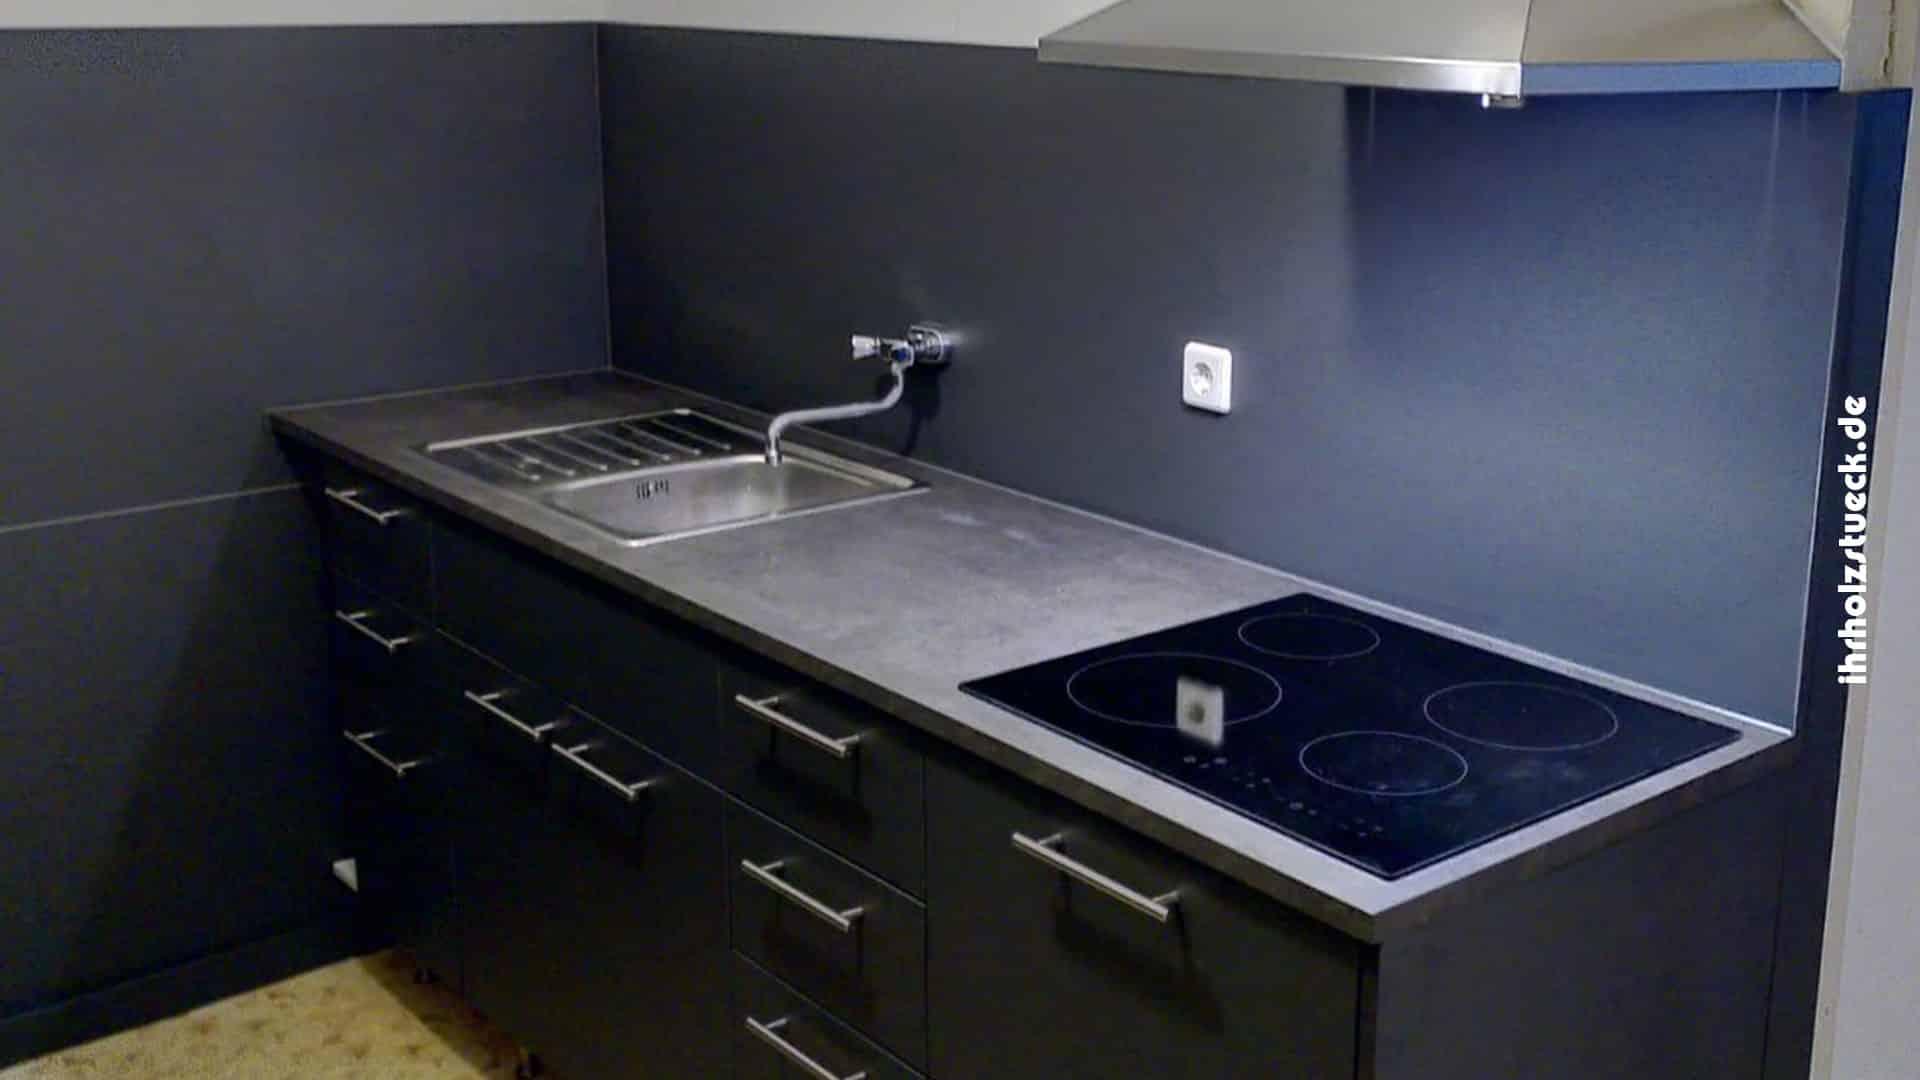 Projektgalerie - Bau einer Küche als Fullservice mit Elektrik und Sanitär - ihrholzstueck